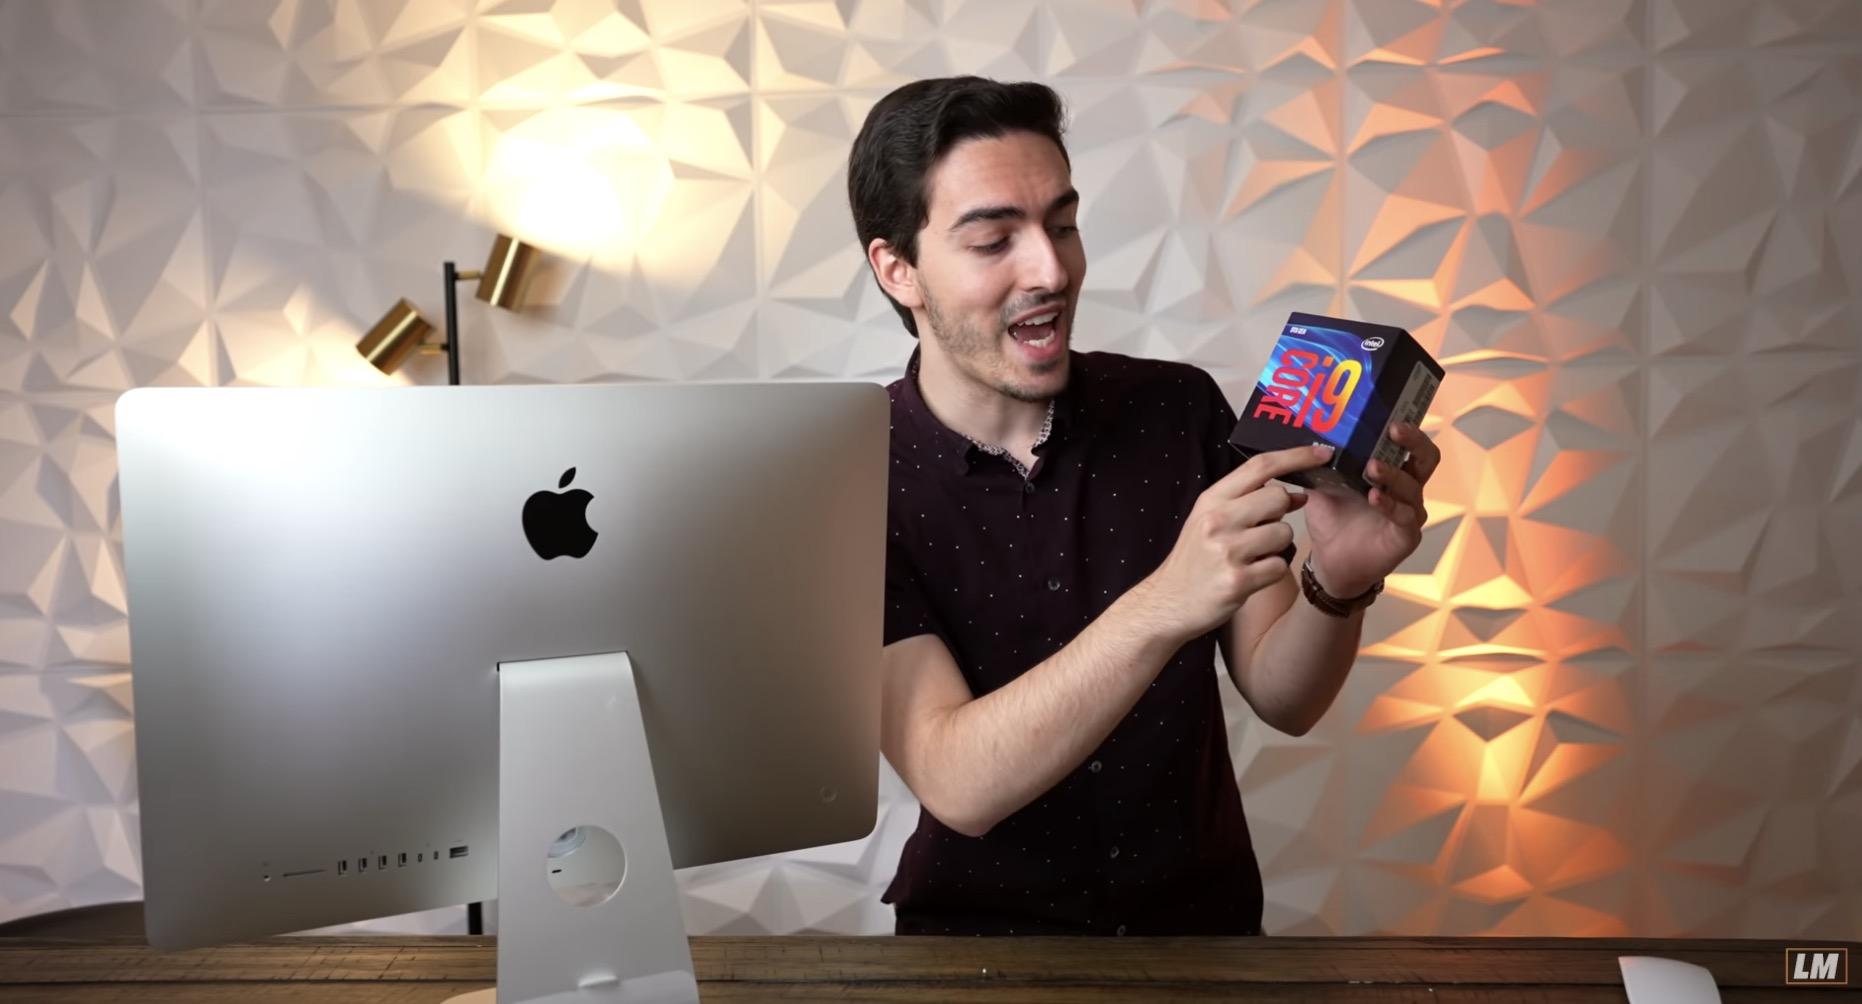 Apple iMac 2019 độ chip Intel Core i9 đọ sức với iMac M1 24 inch, bên nào sẽ thắng? - Ảnh 1.